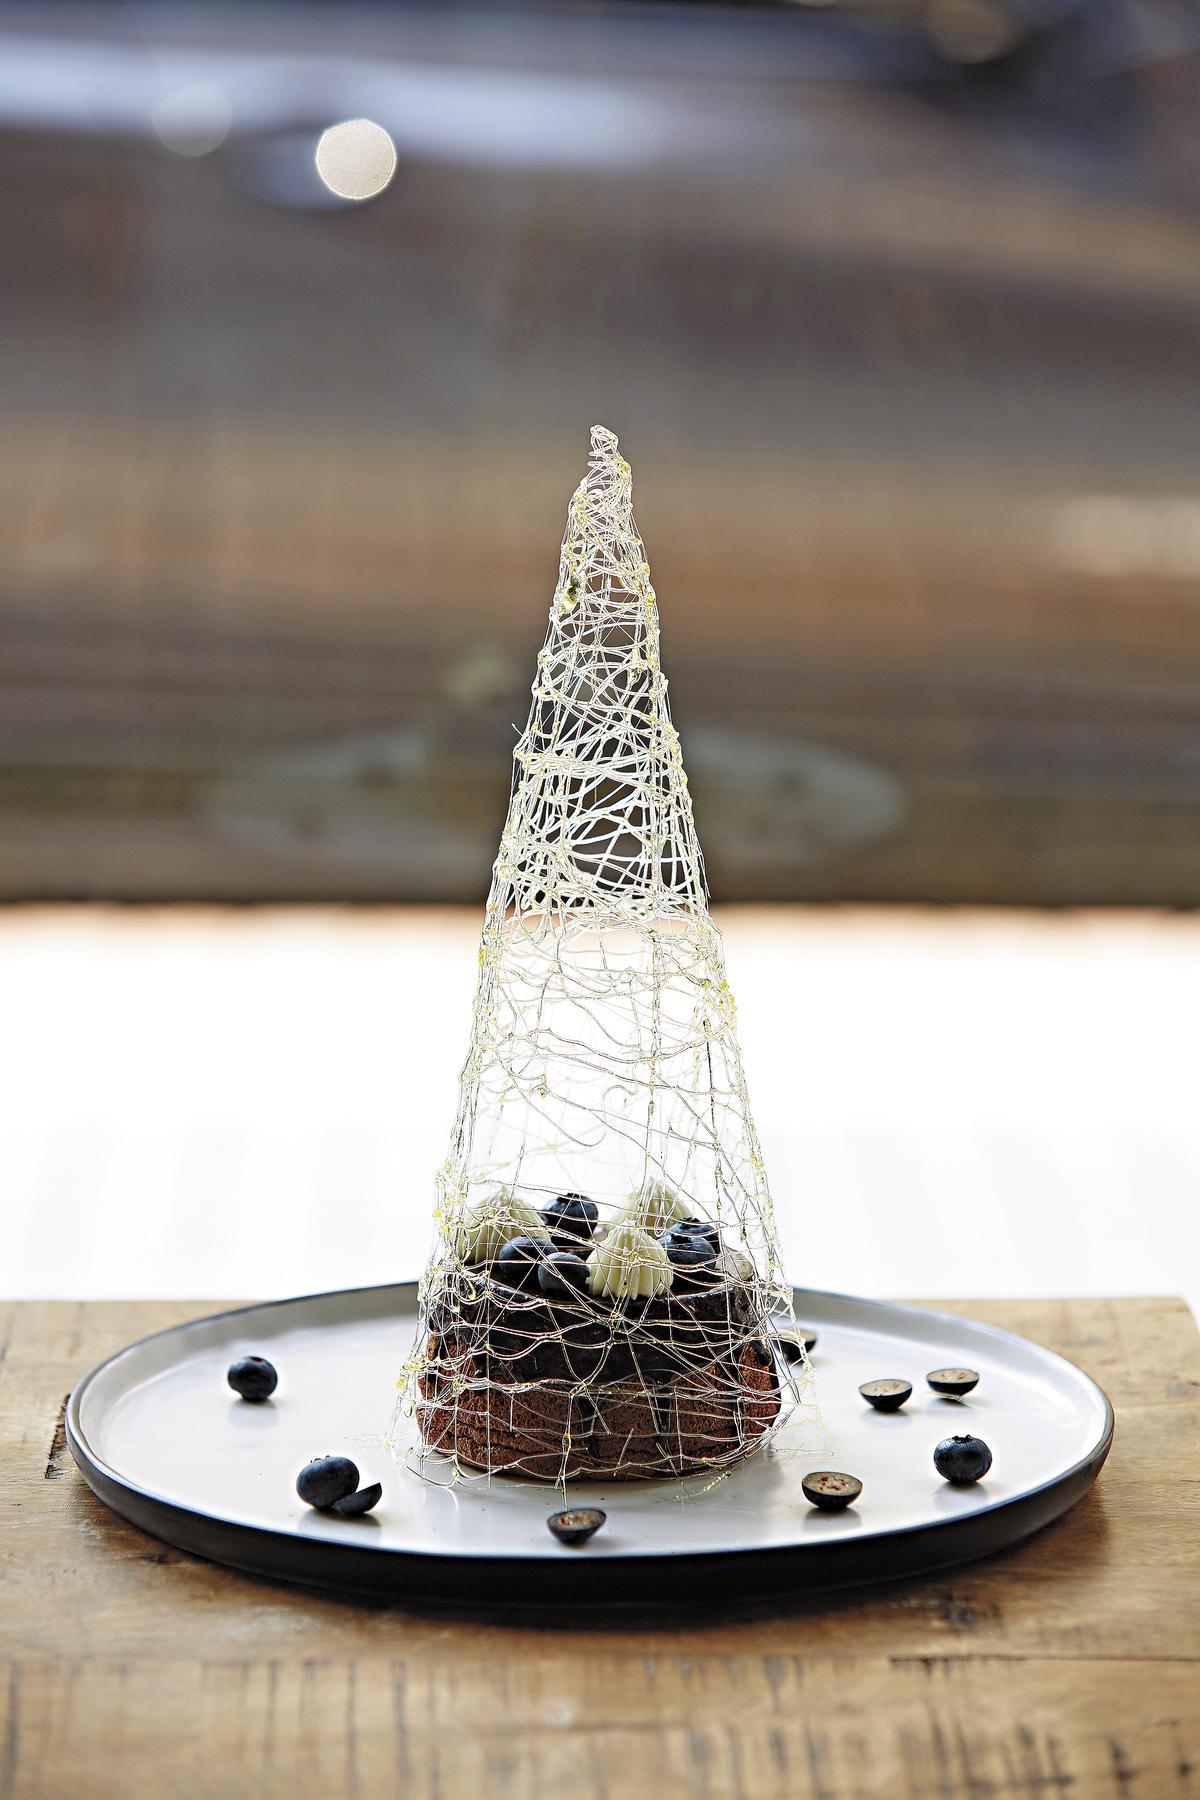 每日特選甜點「巧克力戚風之烏列爾之巔」(200元),金字塔全用手工拉糖製成,搭配底層戚風蛋糕。(時安靜好)